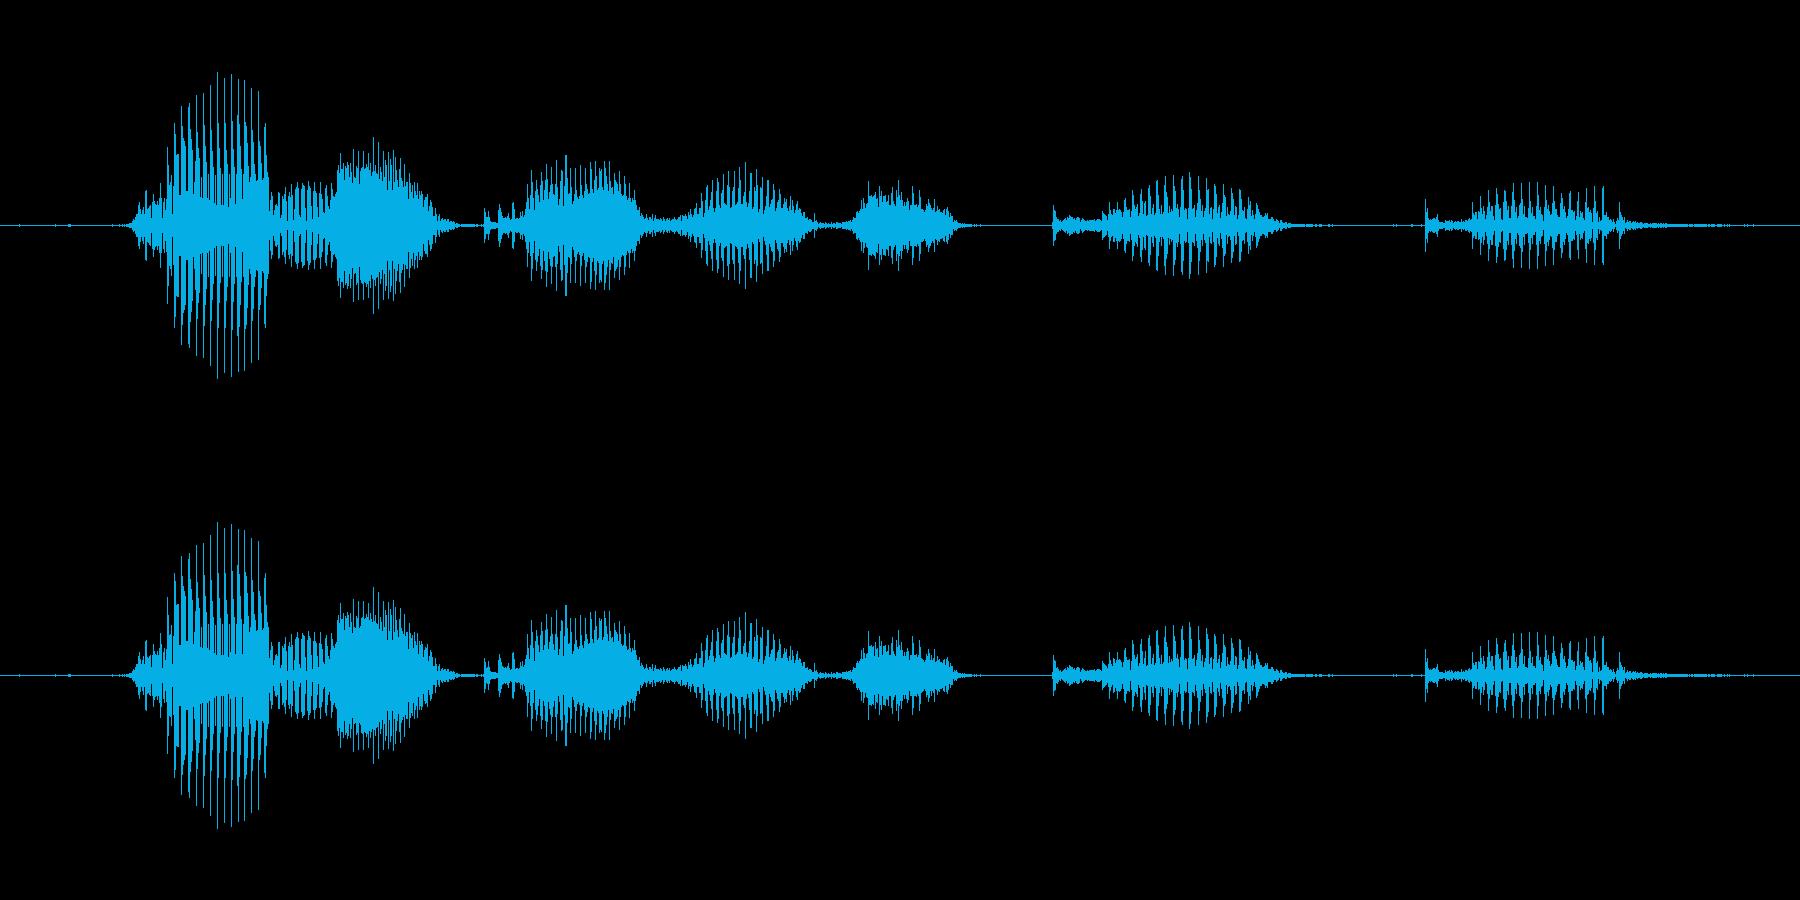 【日数・経過】7ヶ月経過の再生済みの波形